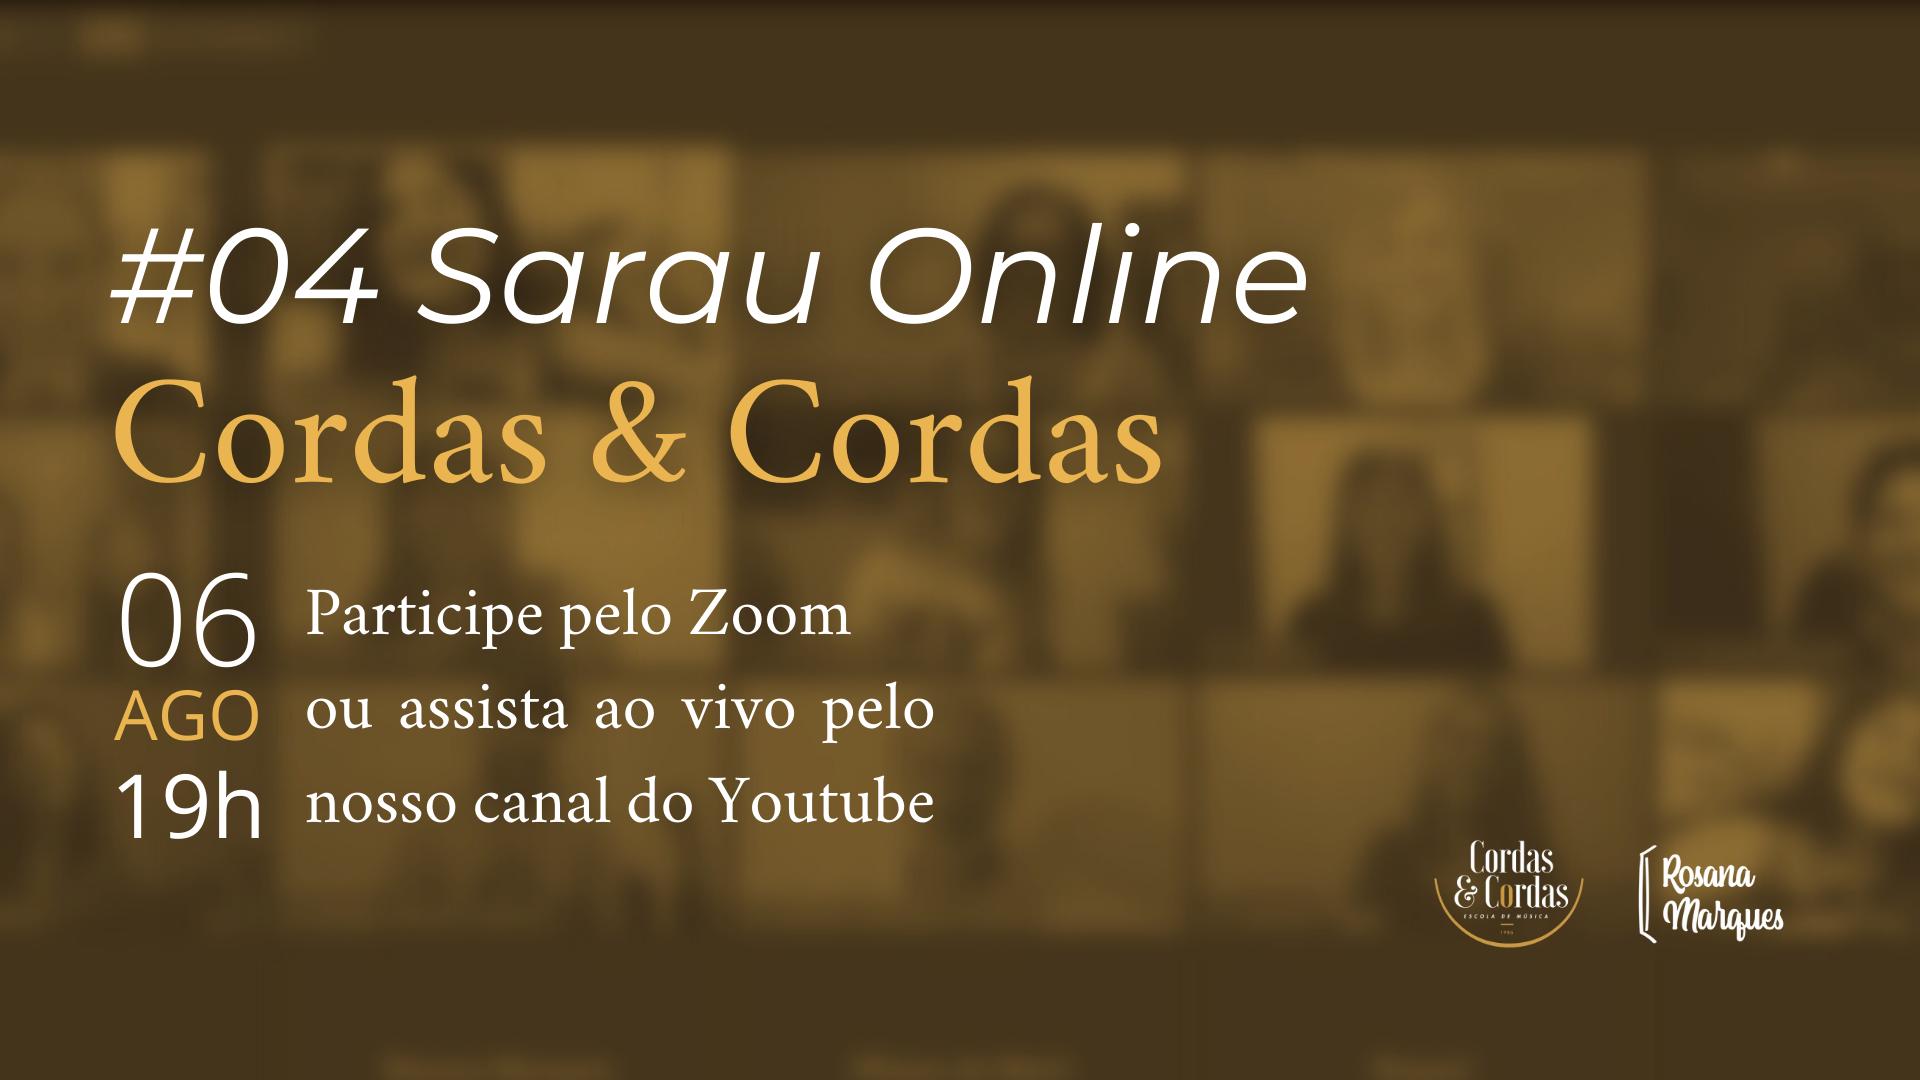 #04 Sarau Online Cordas e Cordas